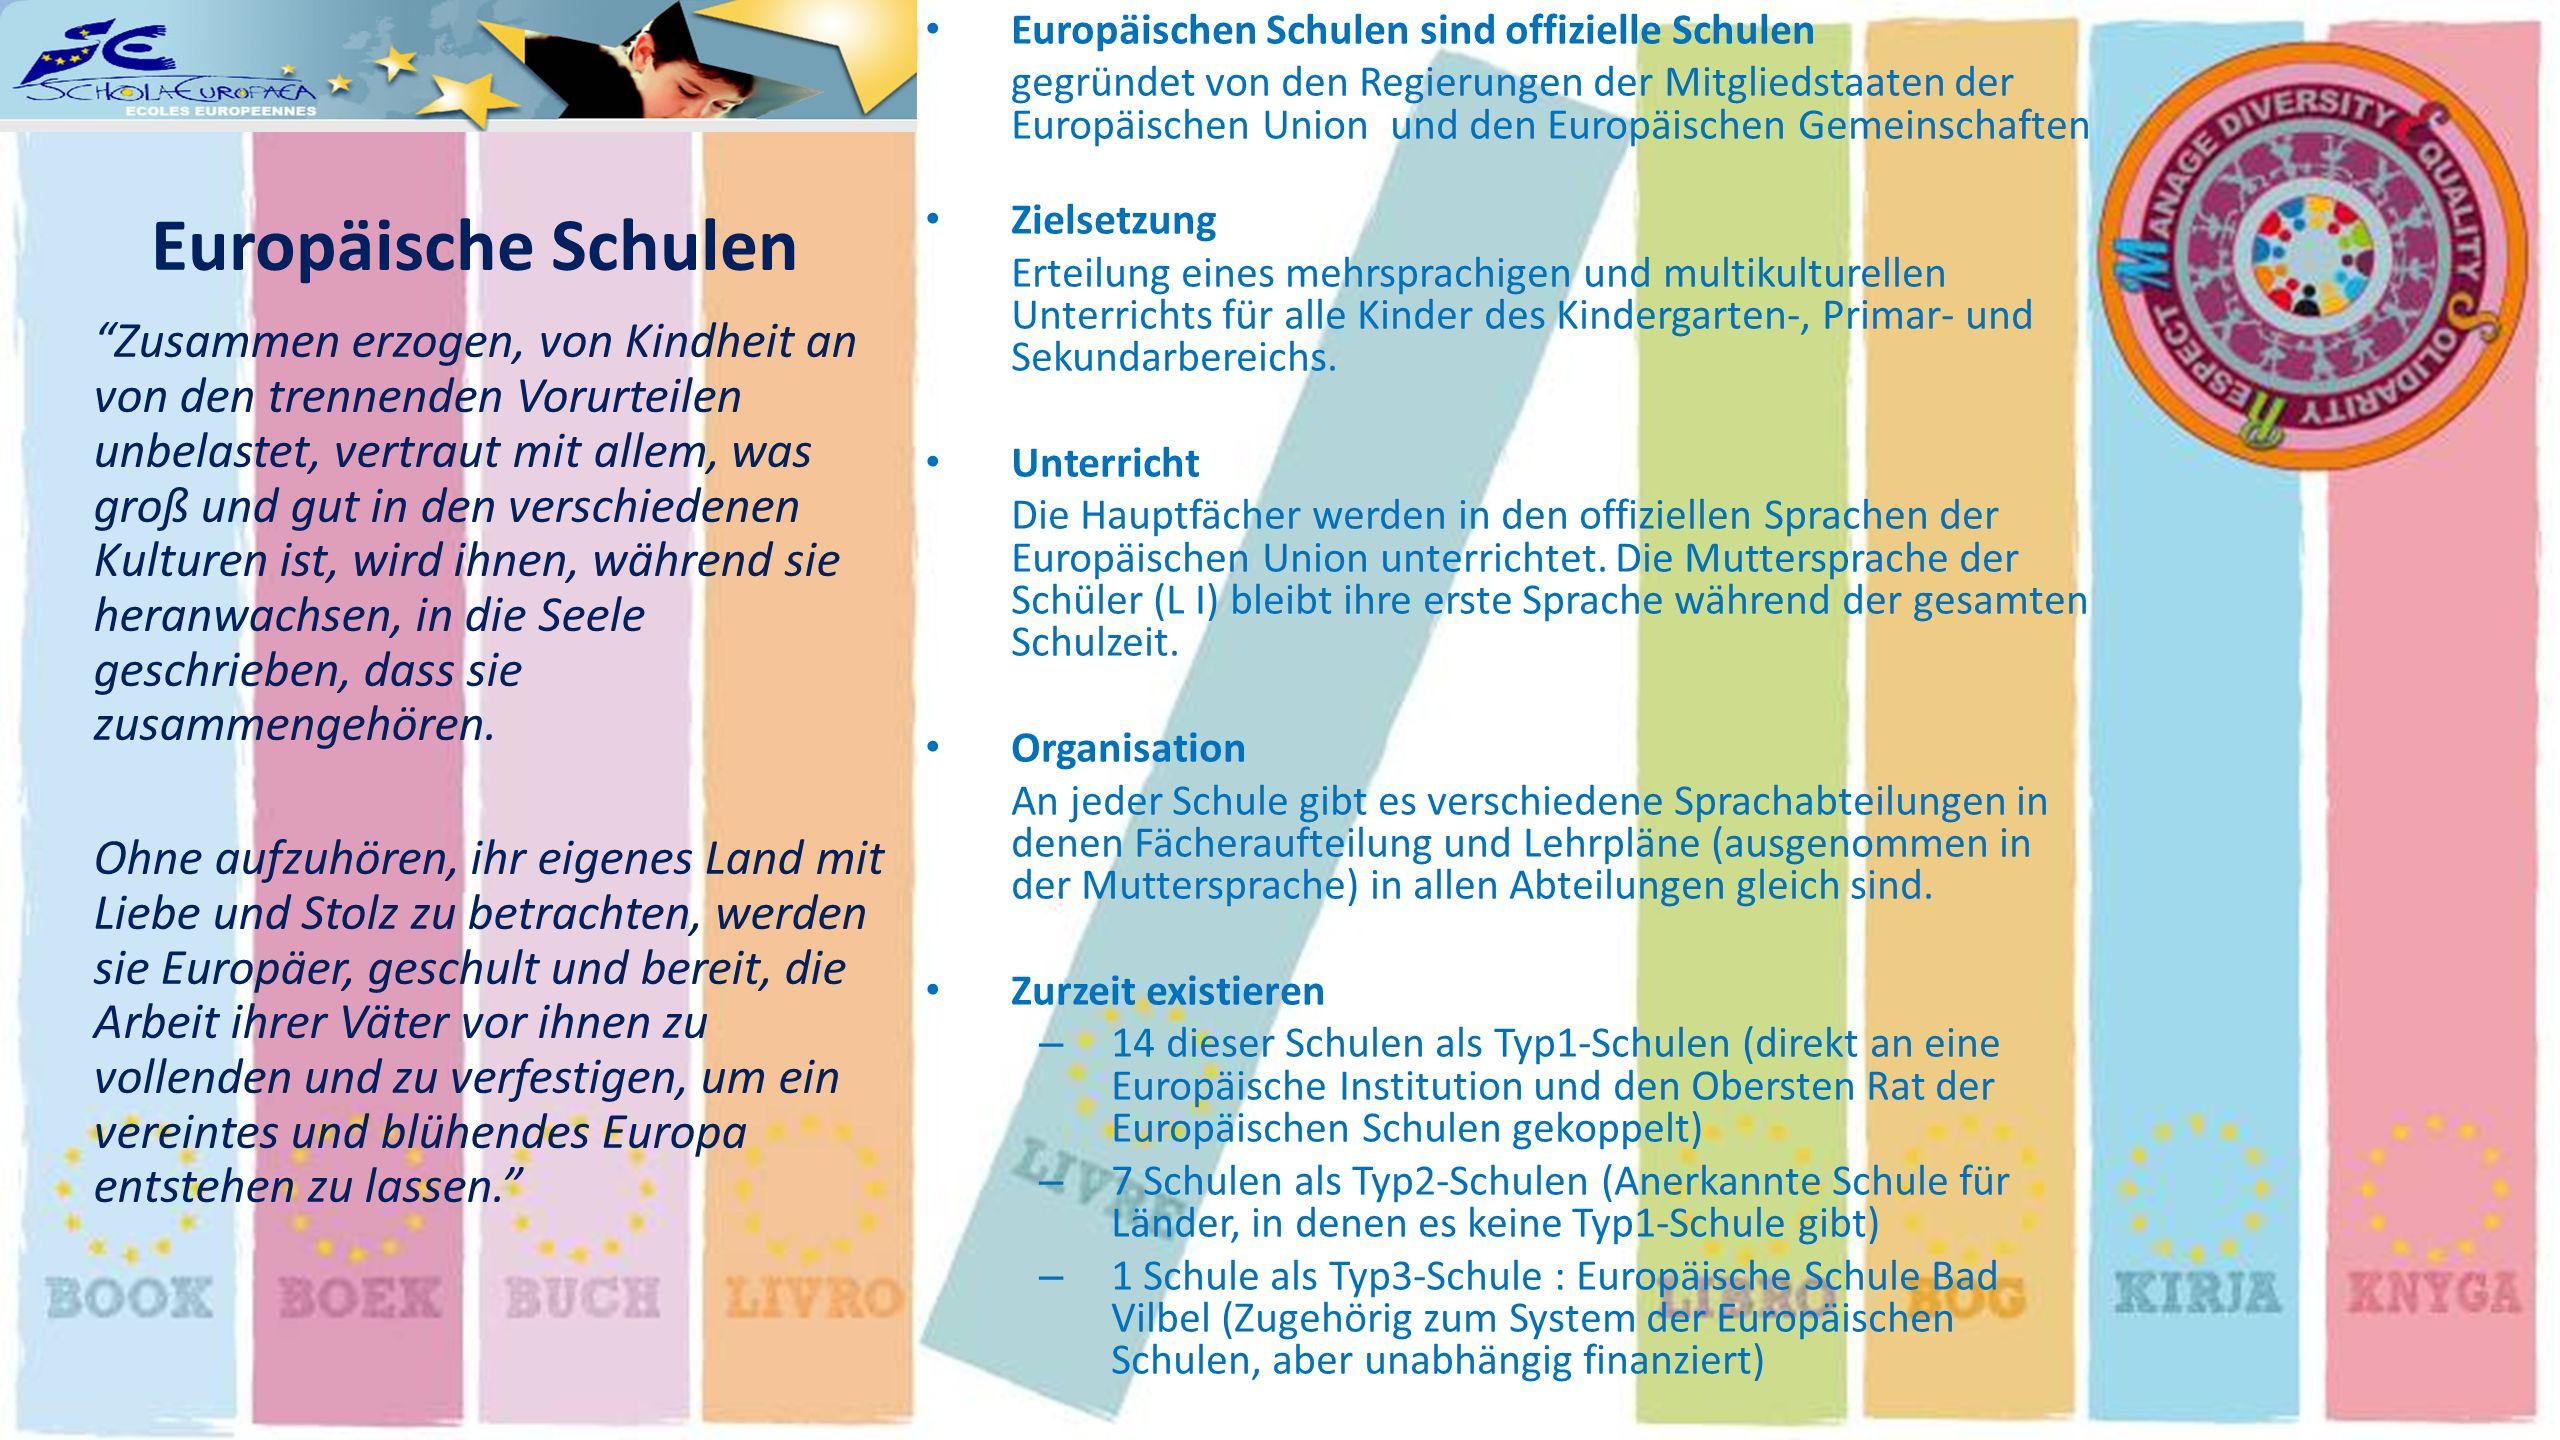 Europäischen Schulen sind offizielle Schulen